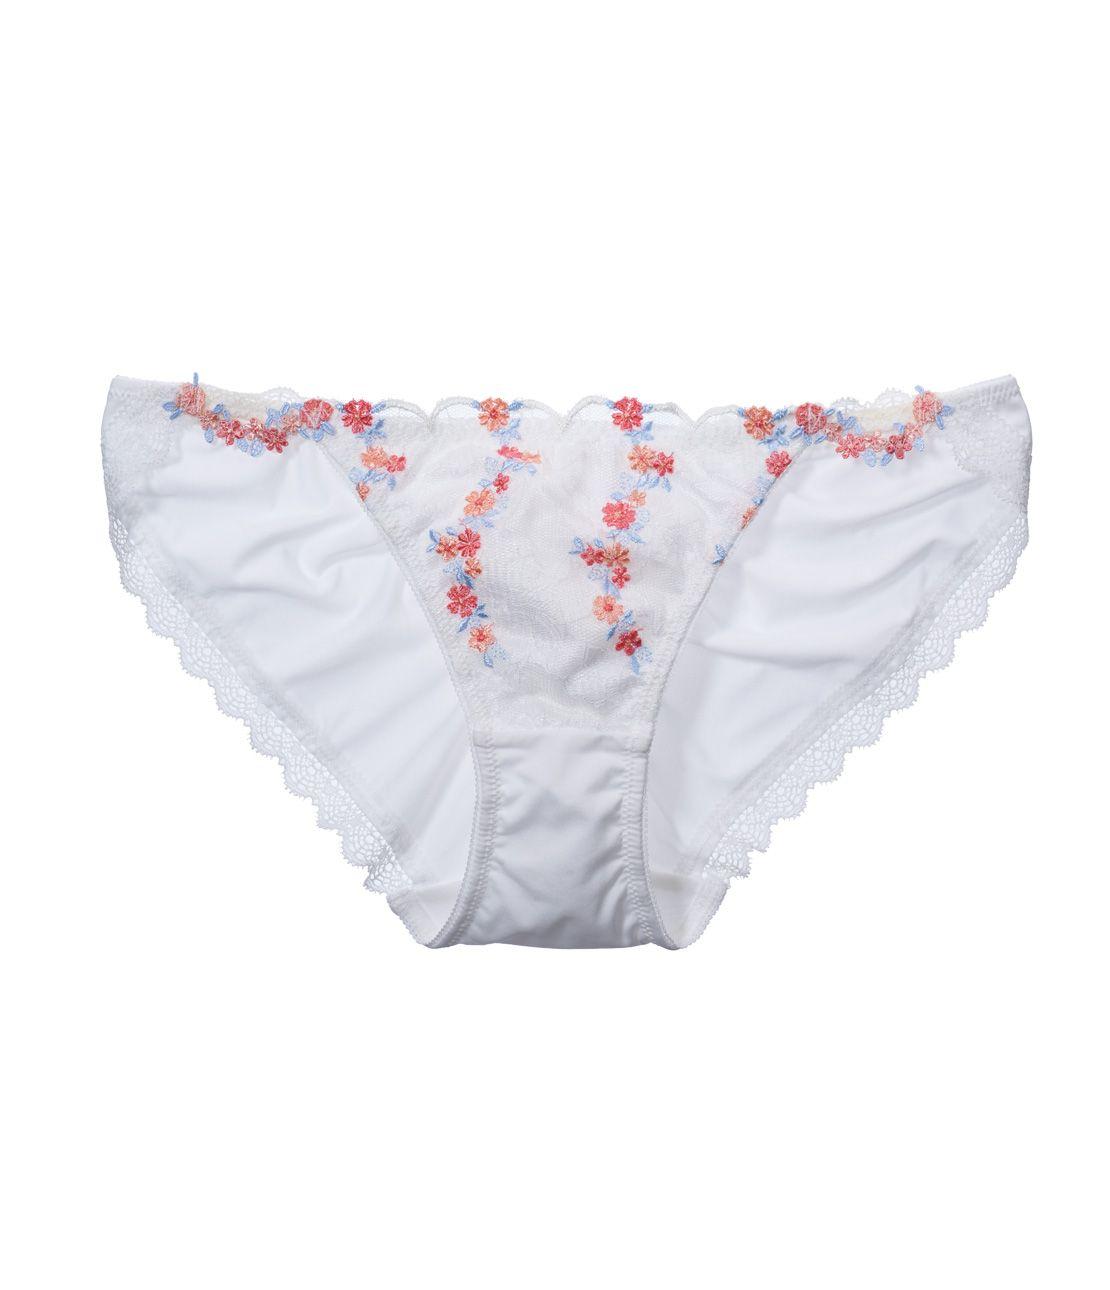 PJ DAYS Bloom panty